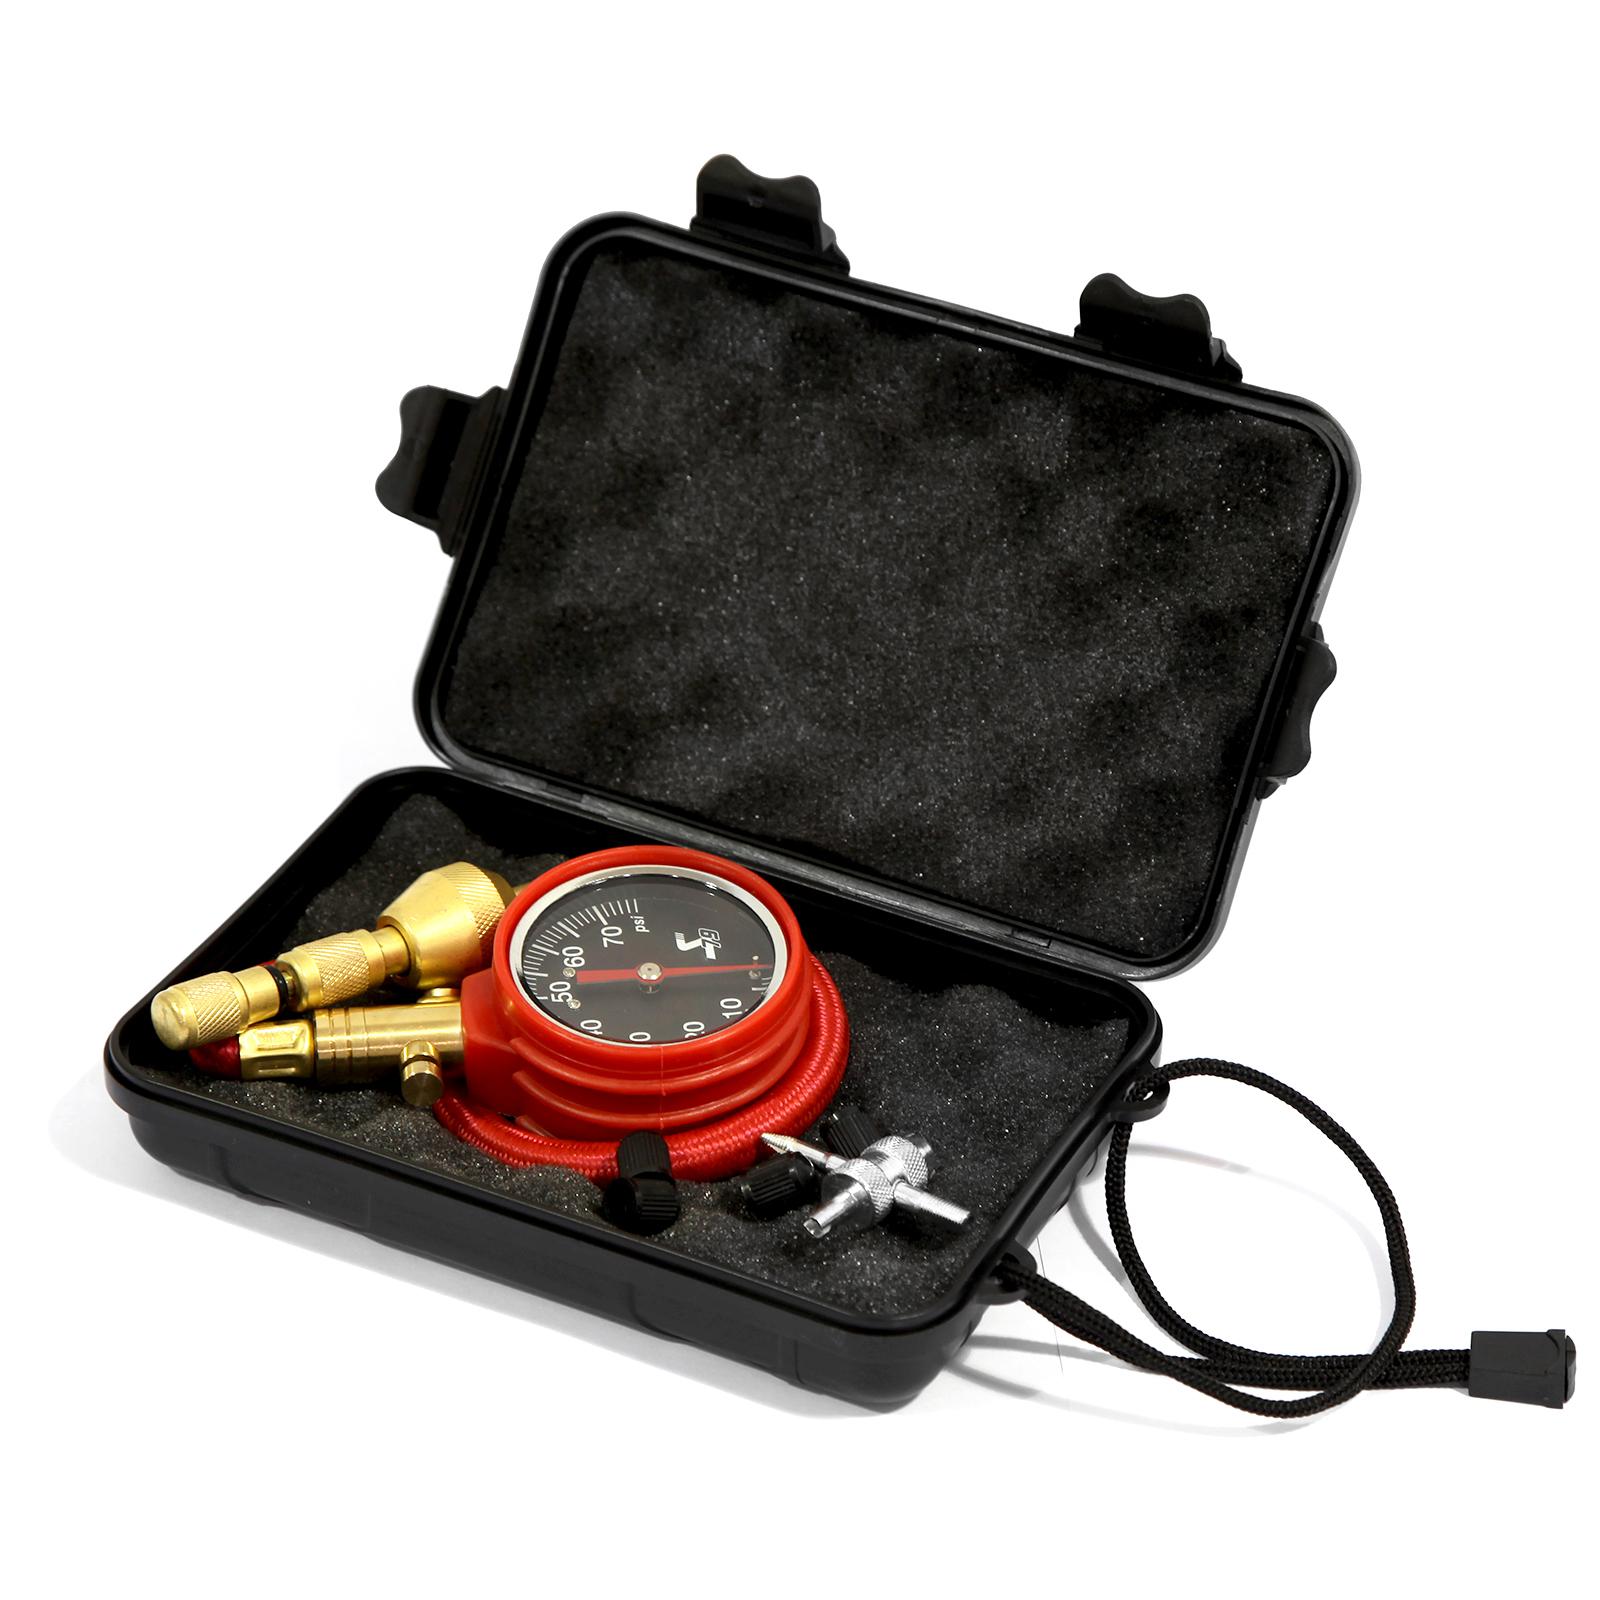 Rapid Tire Air Deflator Kit 4WD 0-75psi Pressure Gauge Valve Tool